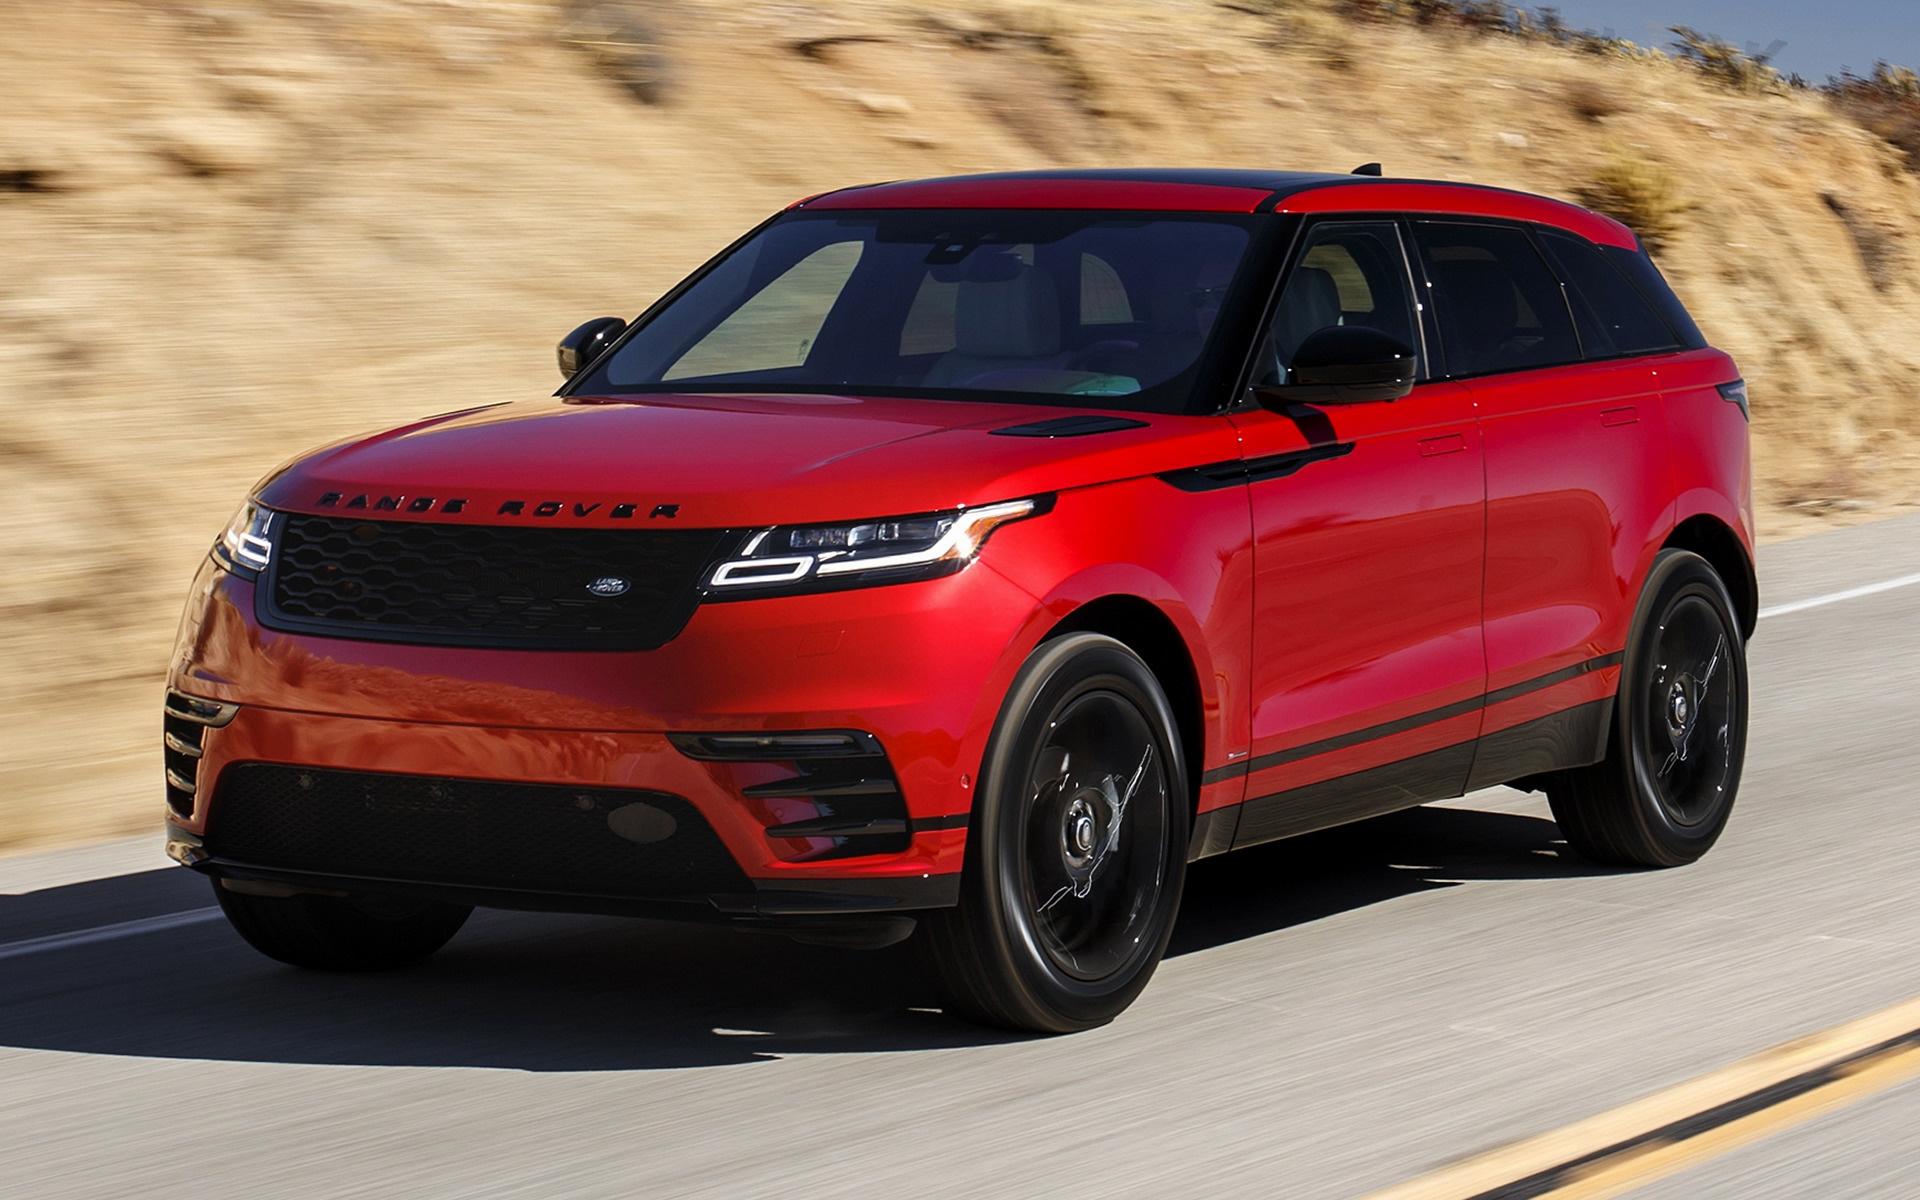 Black Range Rover Sport Wallpaper